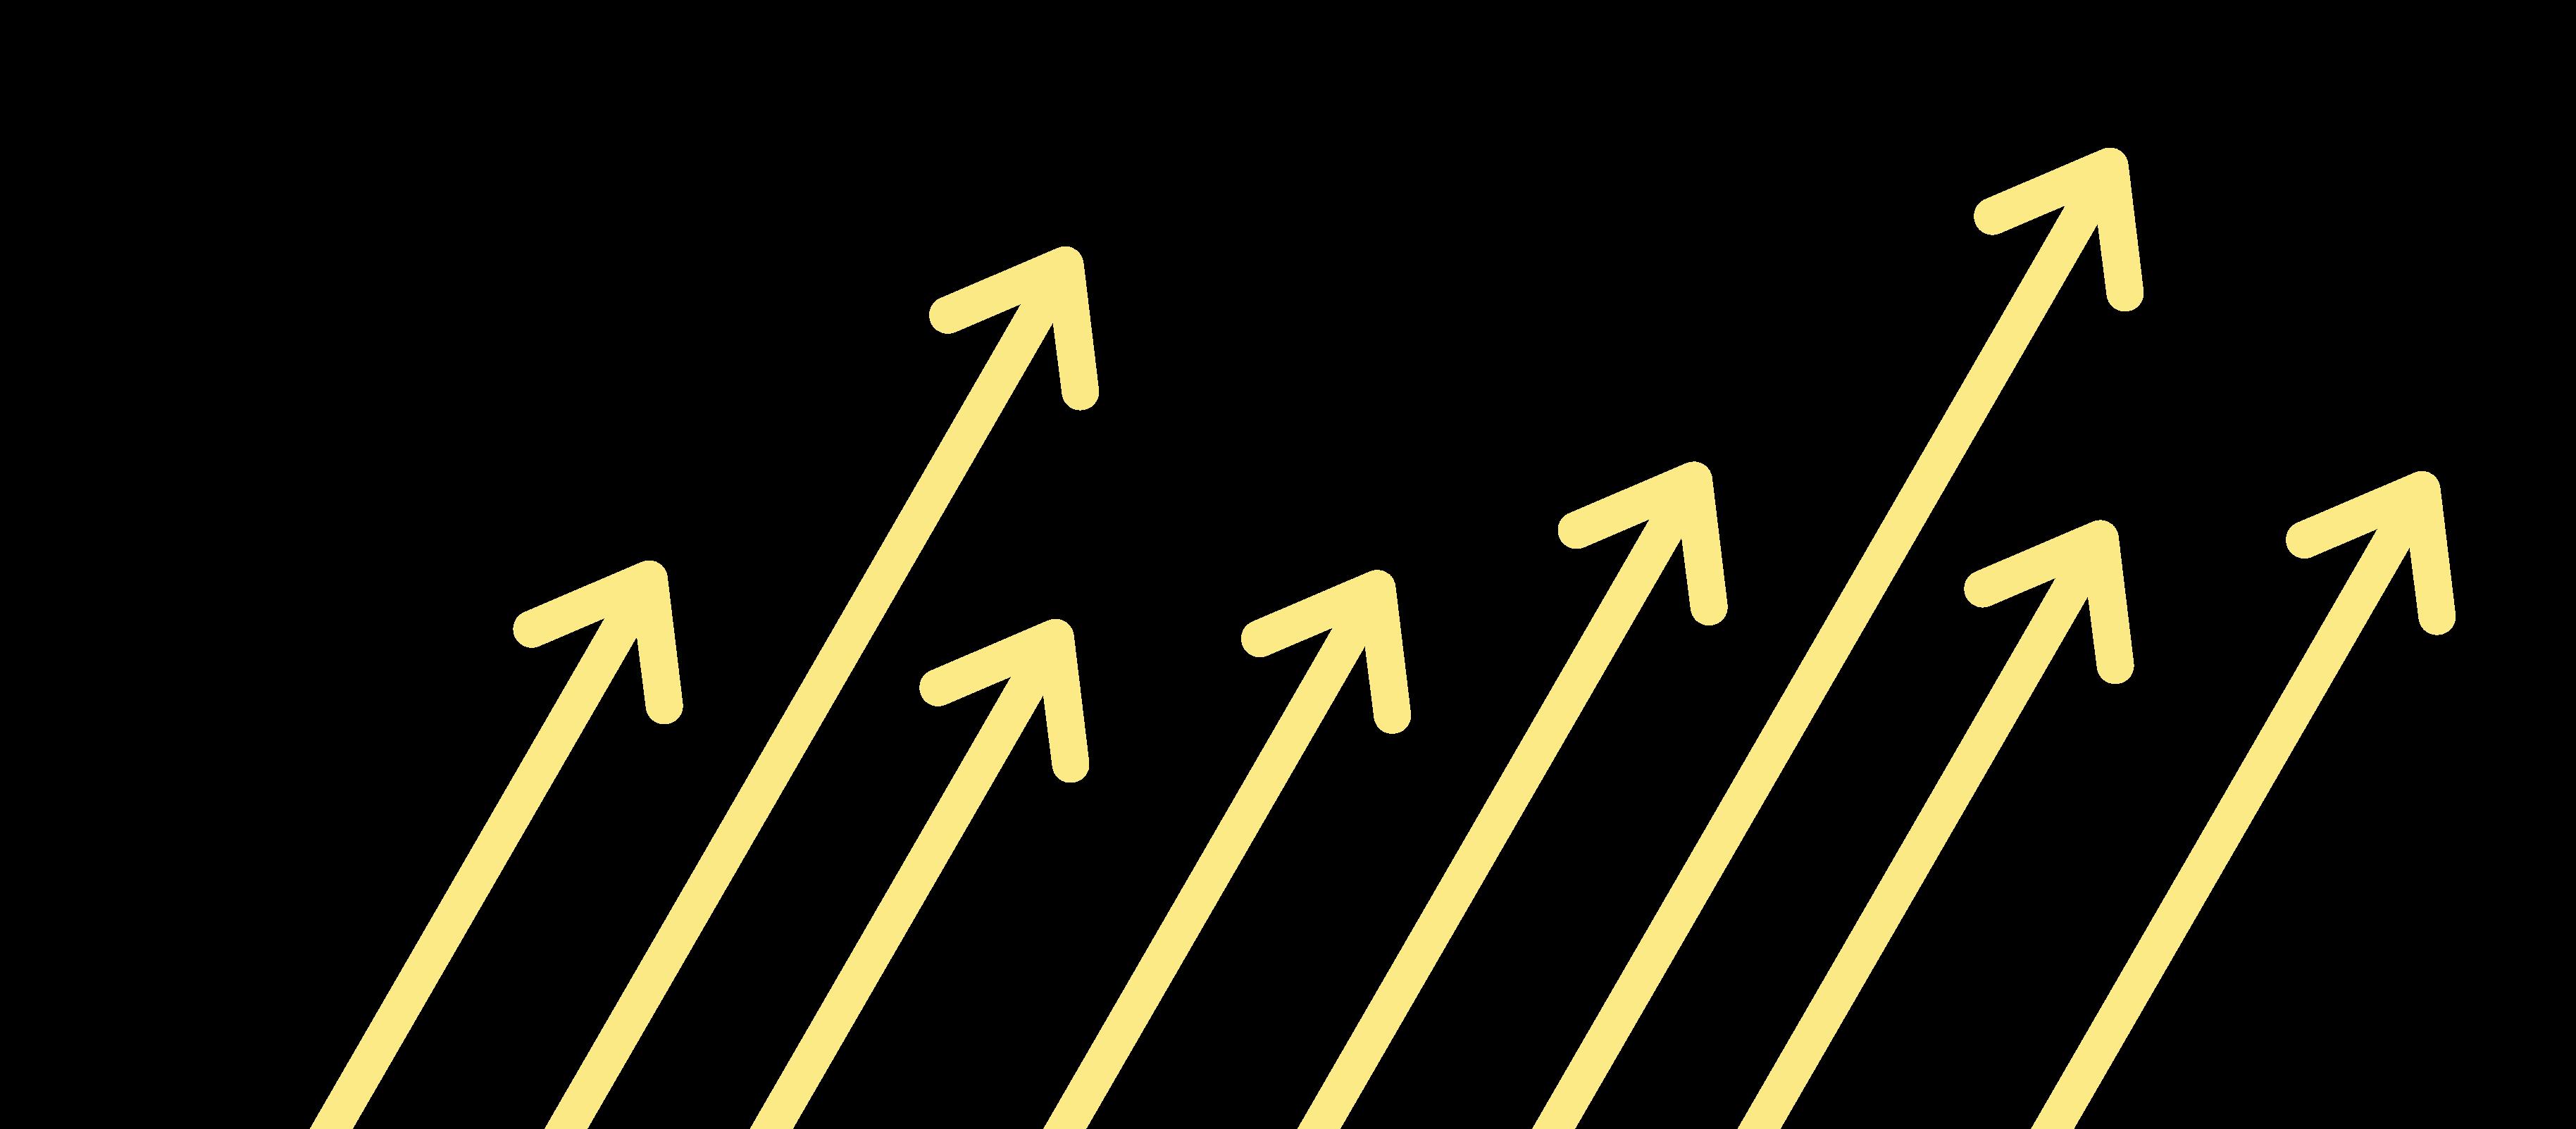 Mehrere Pfeile, die von links nach rechts angeordnet sind und nach oben zeigen, stehen für Geschäftswachstum